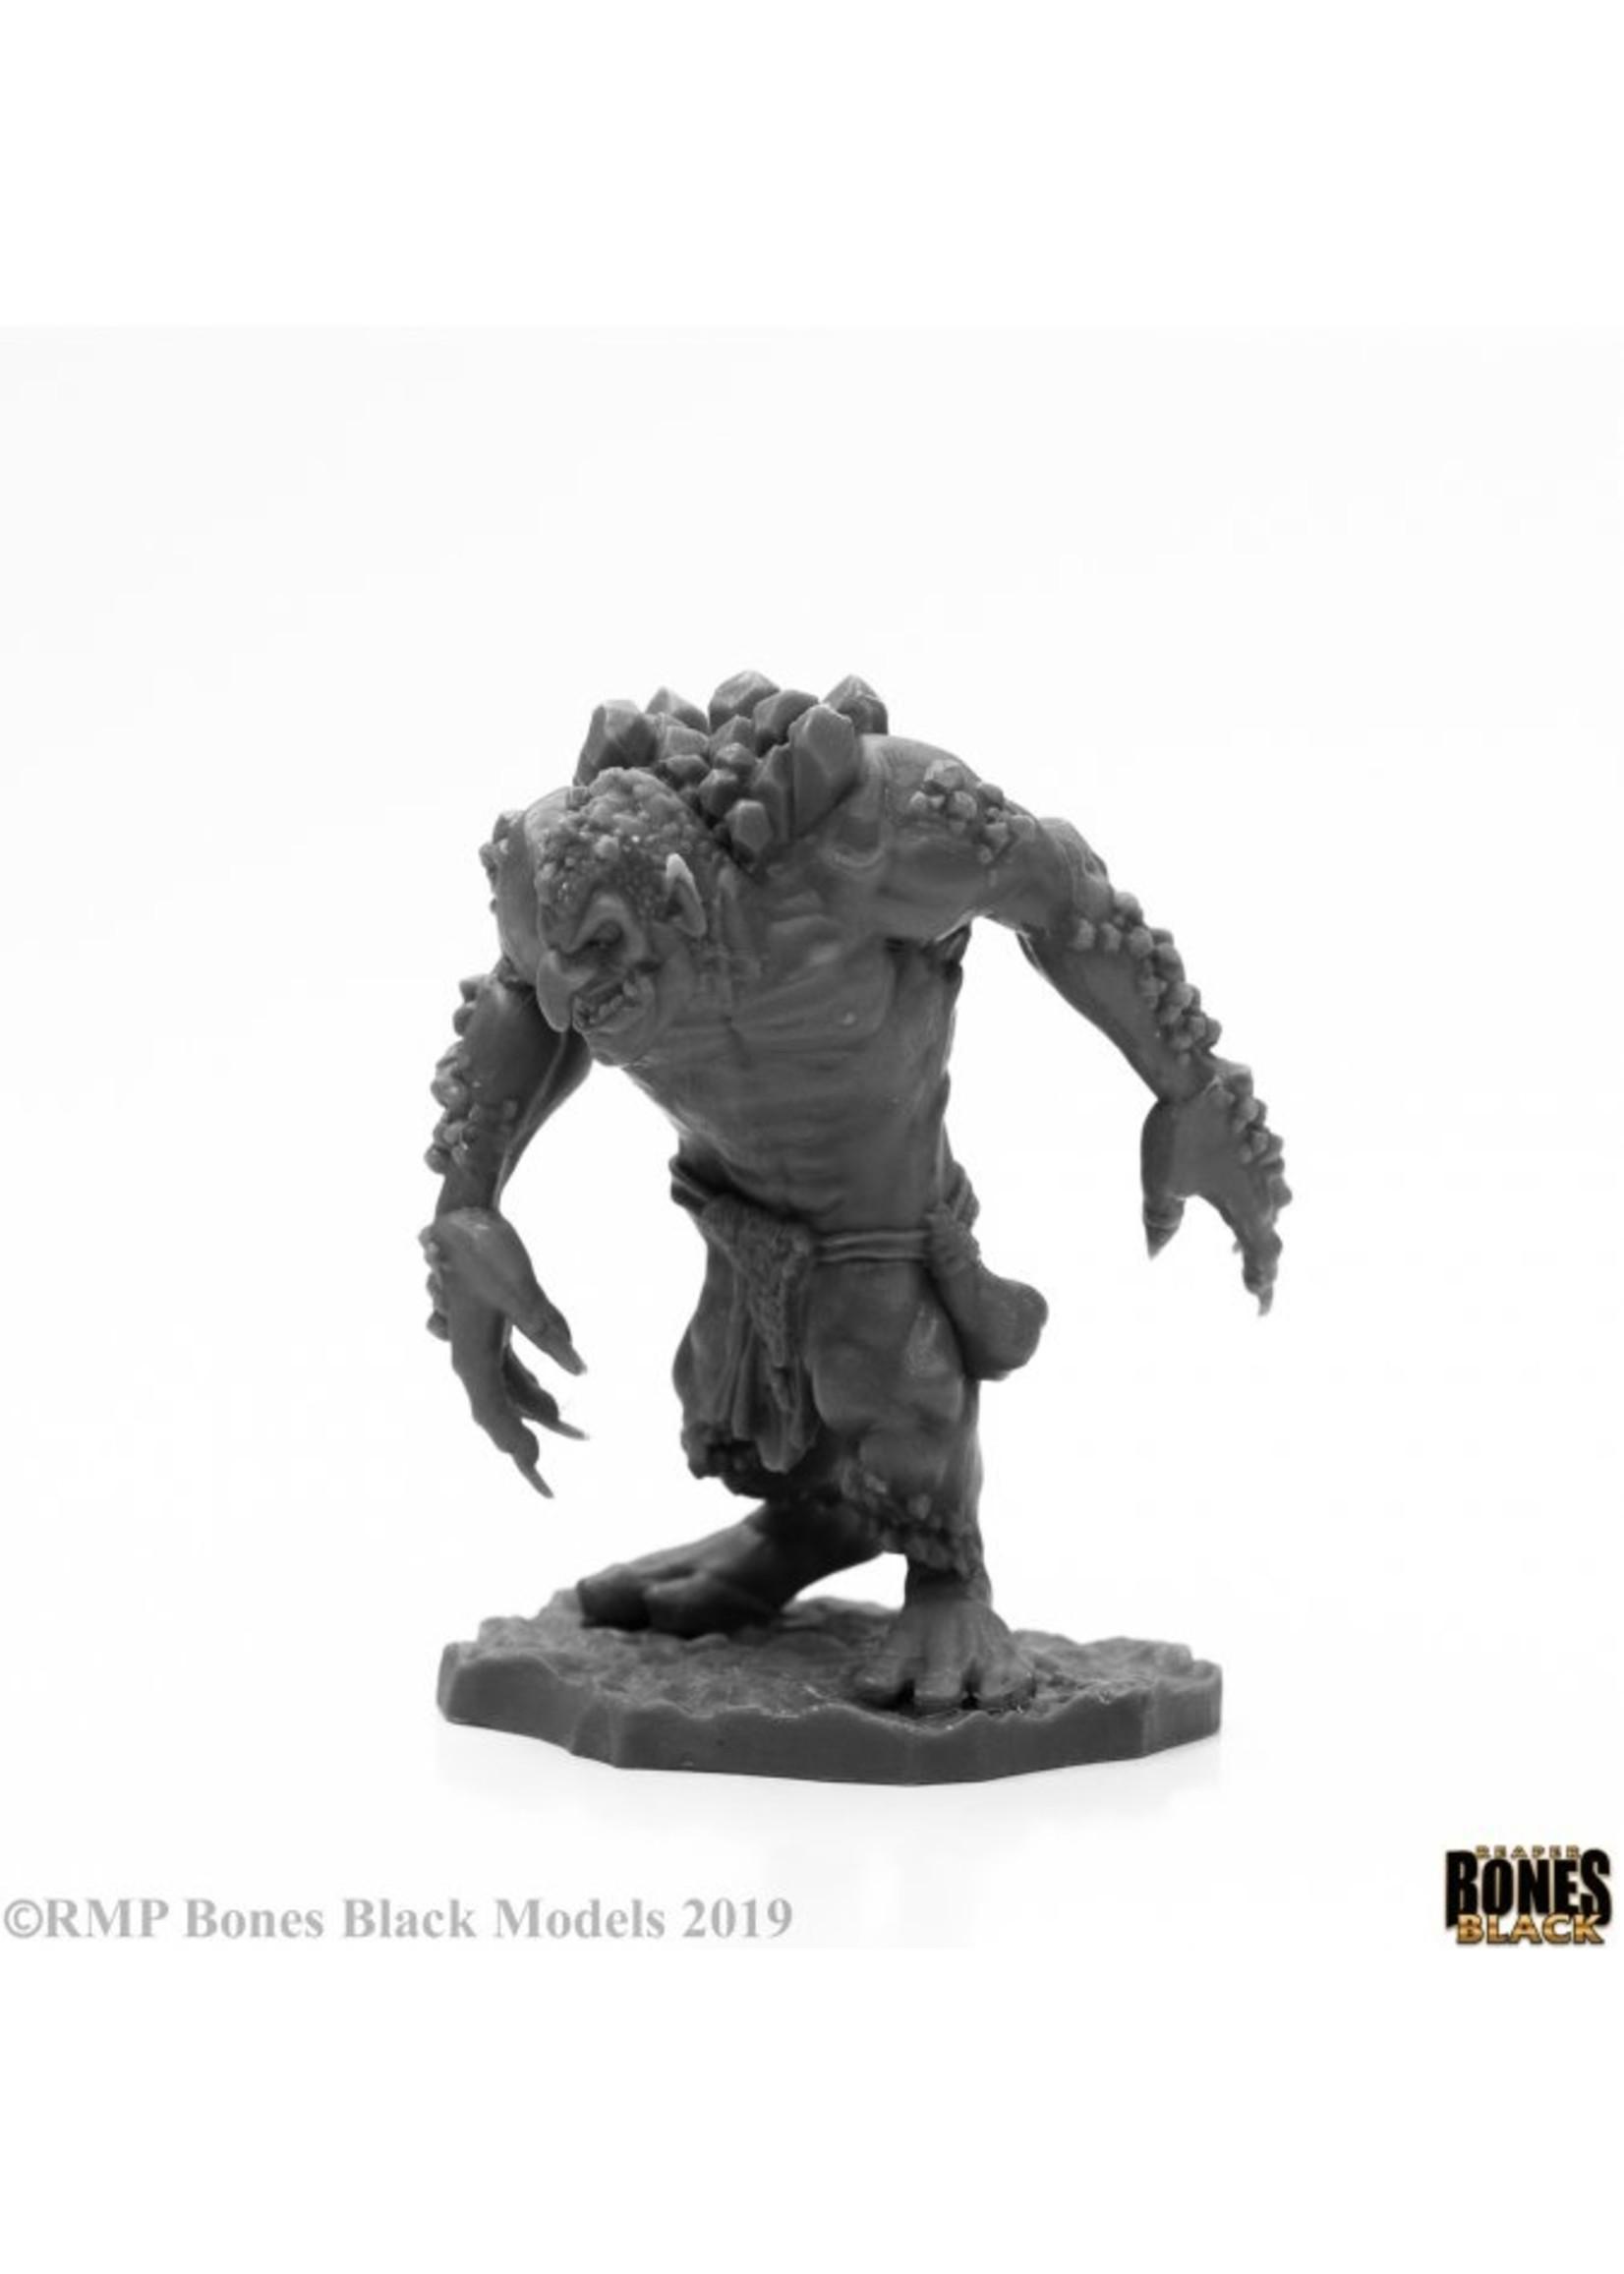 Bones Black: Rock Troll